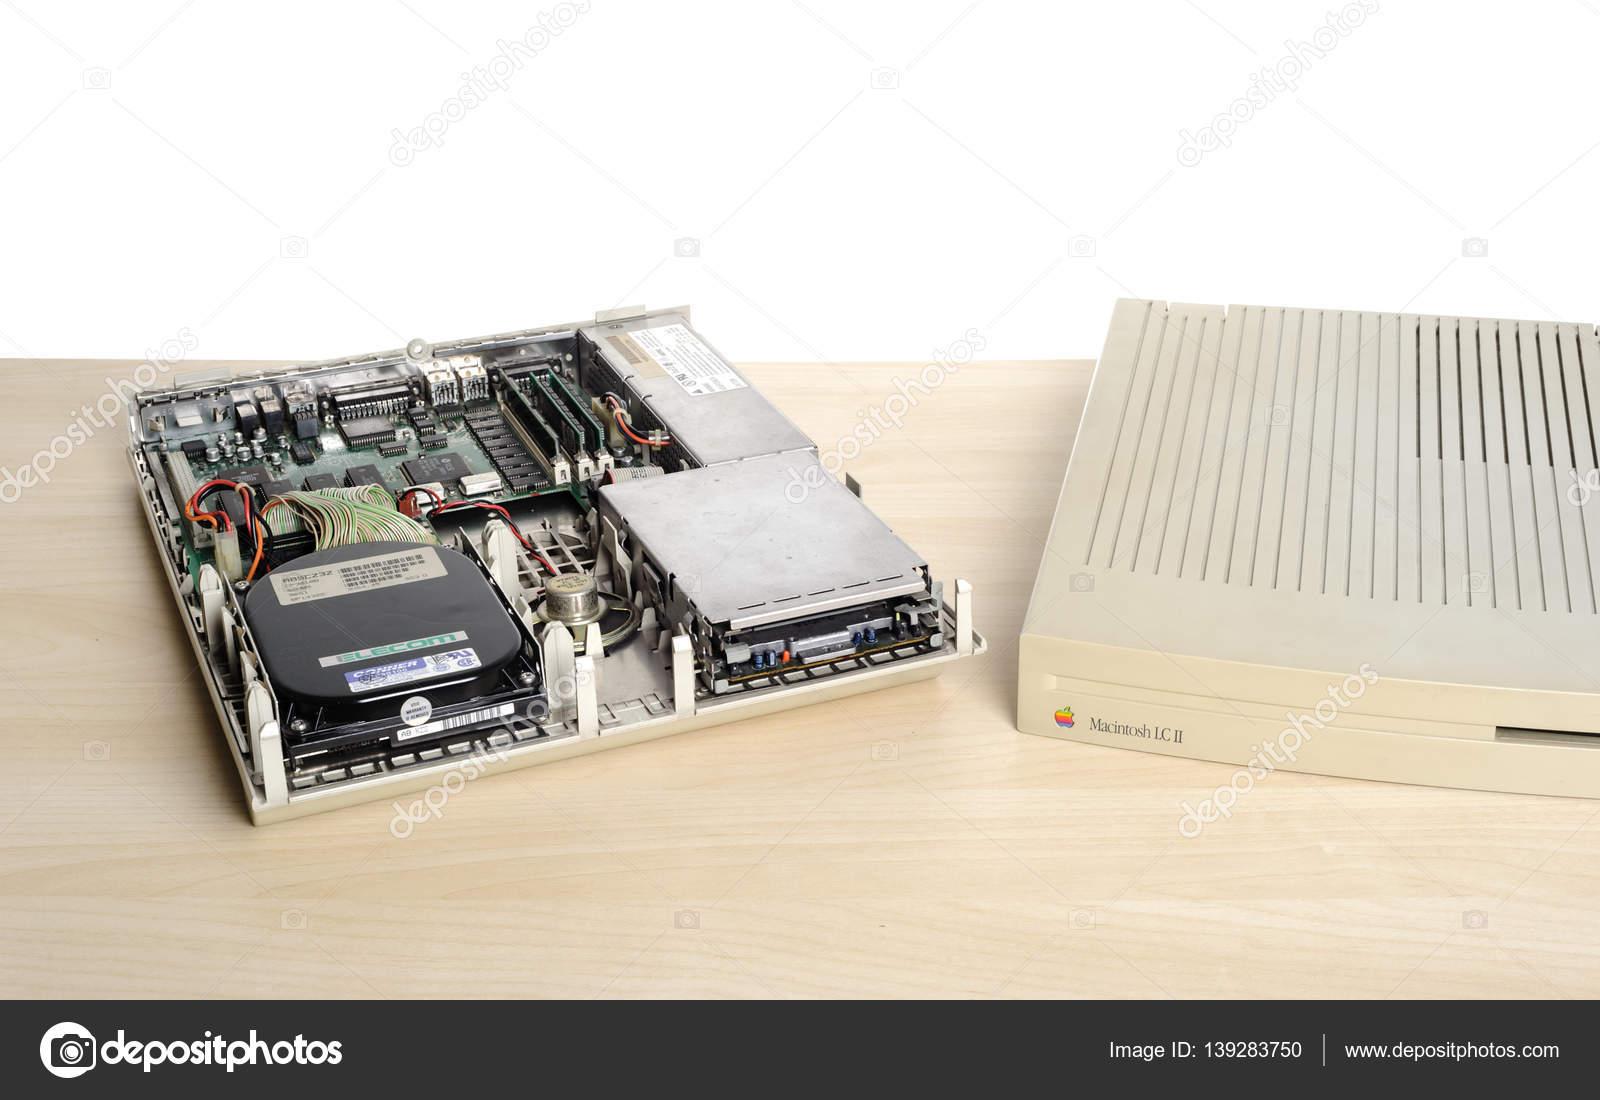 2ffeaa19a24 Macintosh Lc é a família de produtos da Apple Computer de low-end  consumidor Macintosh computadores na década de 1990 — Foto ...